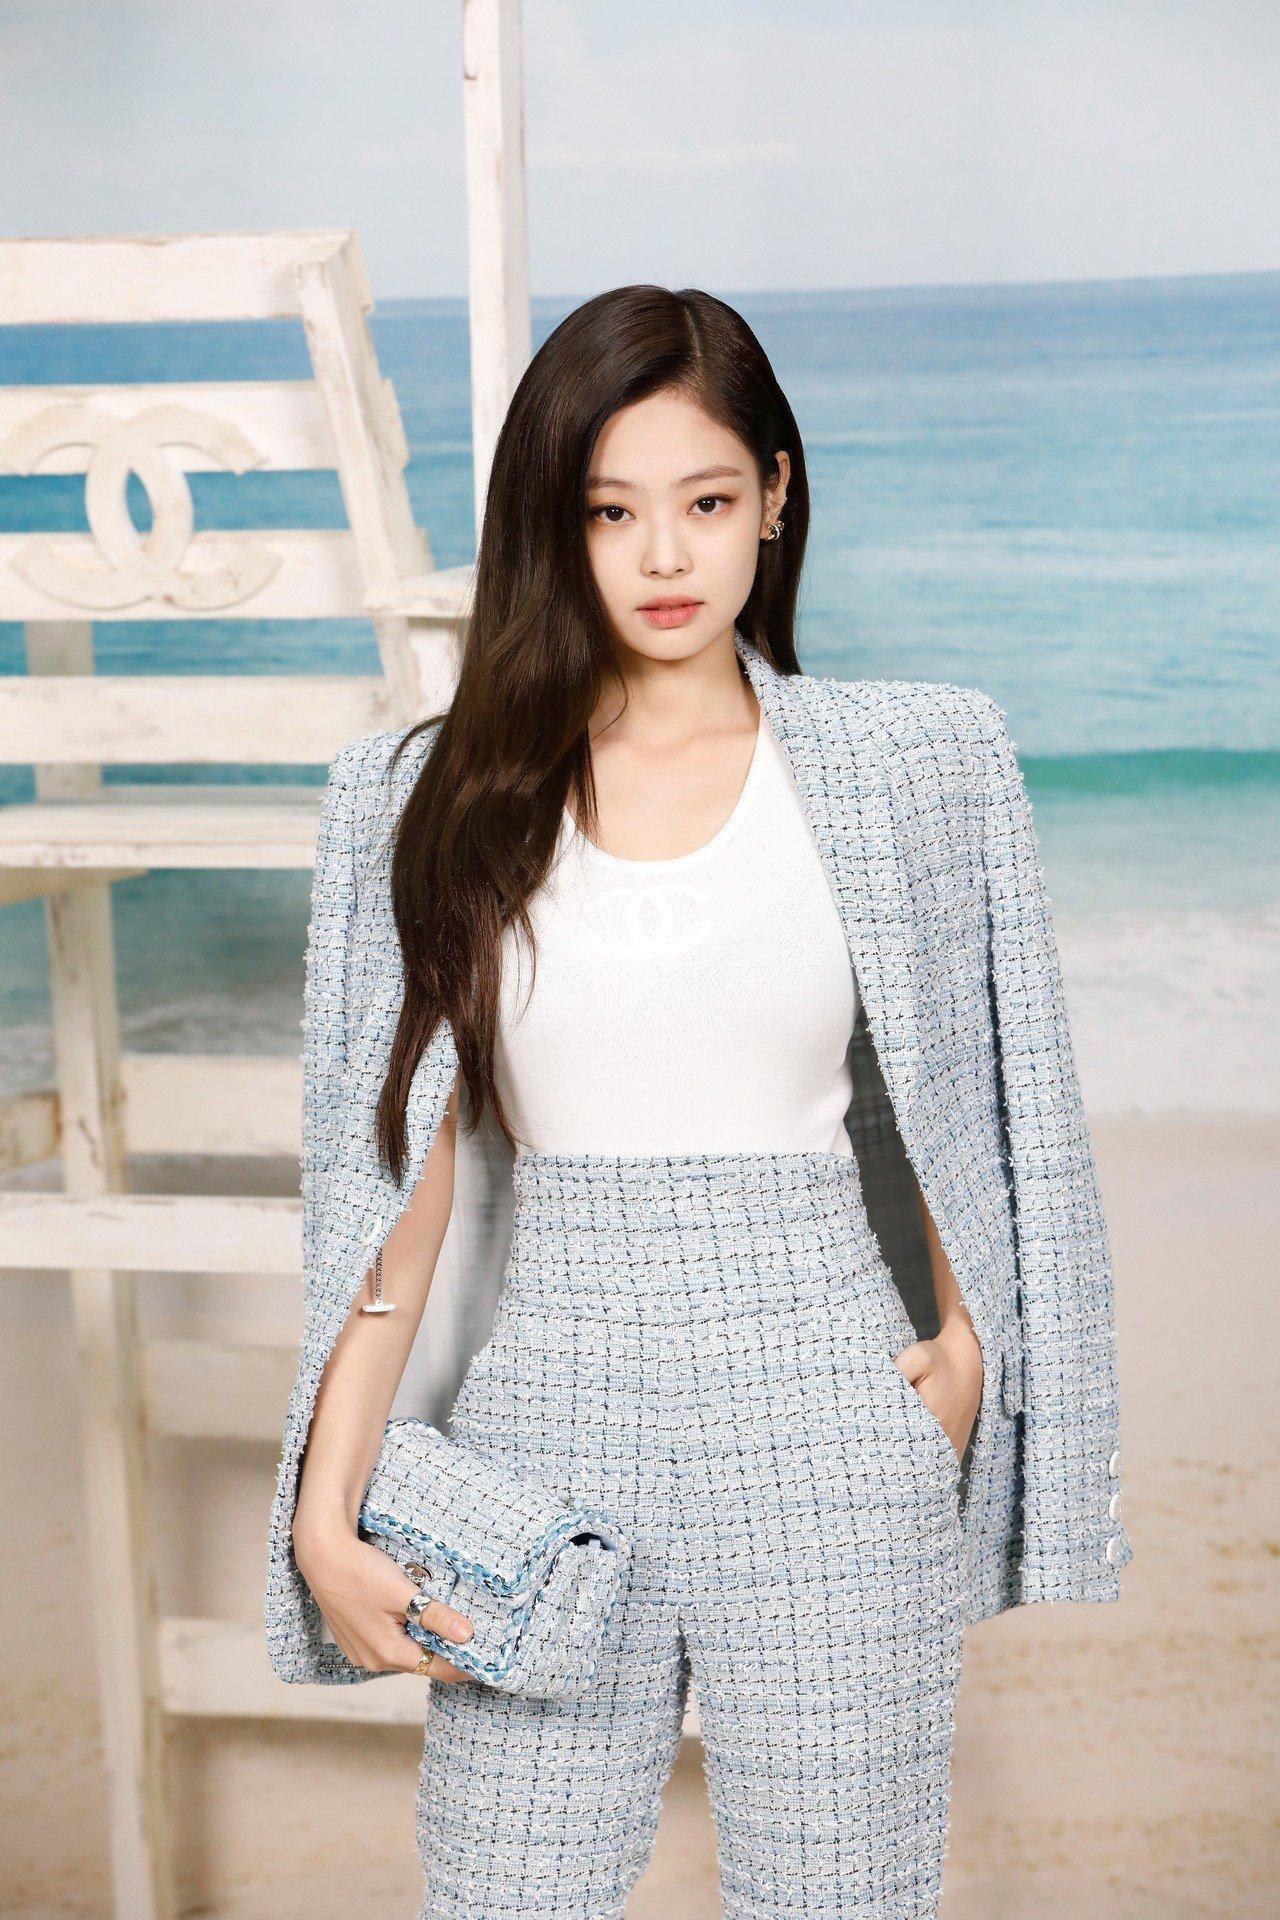 sao Kpop tham dự Tuần lễ Thời trang quốc tế 2